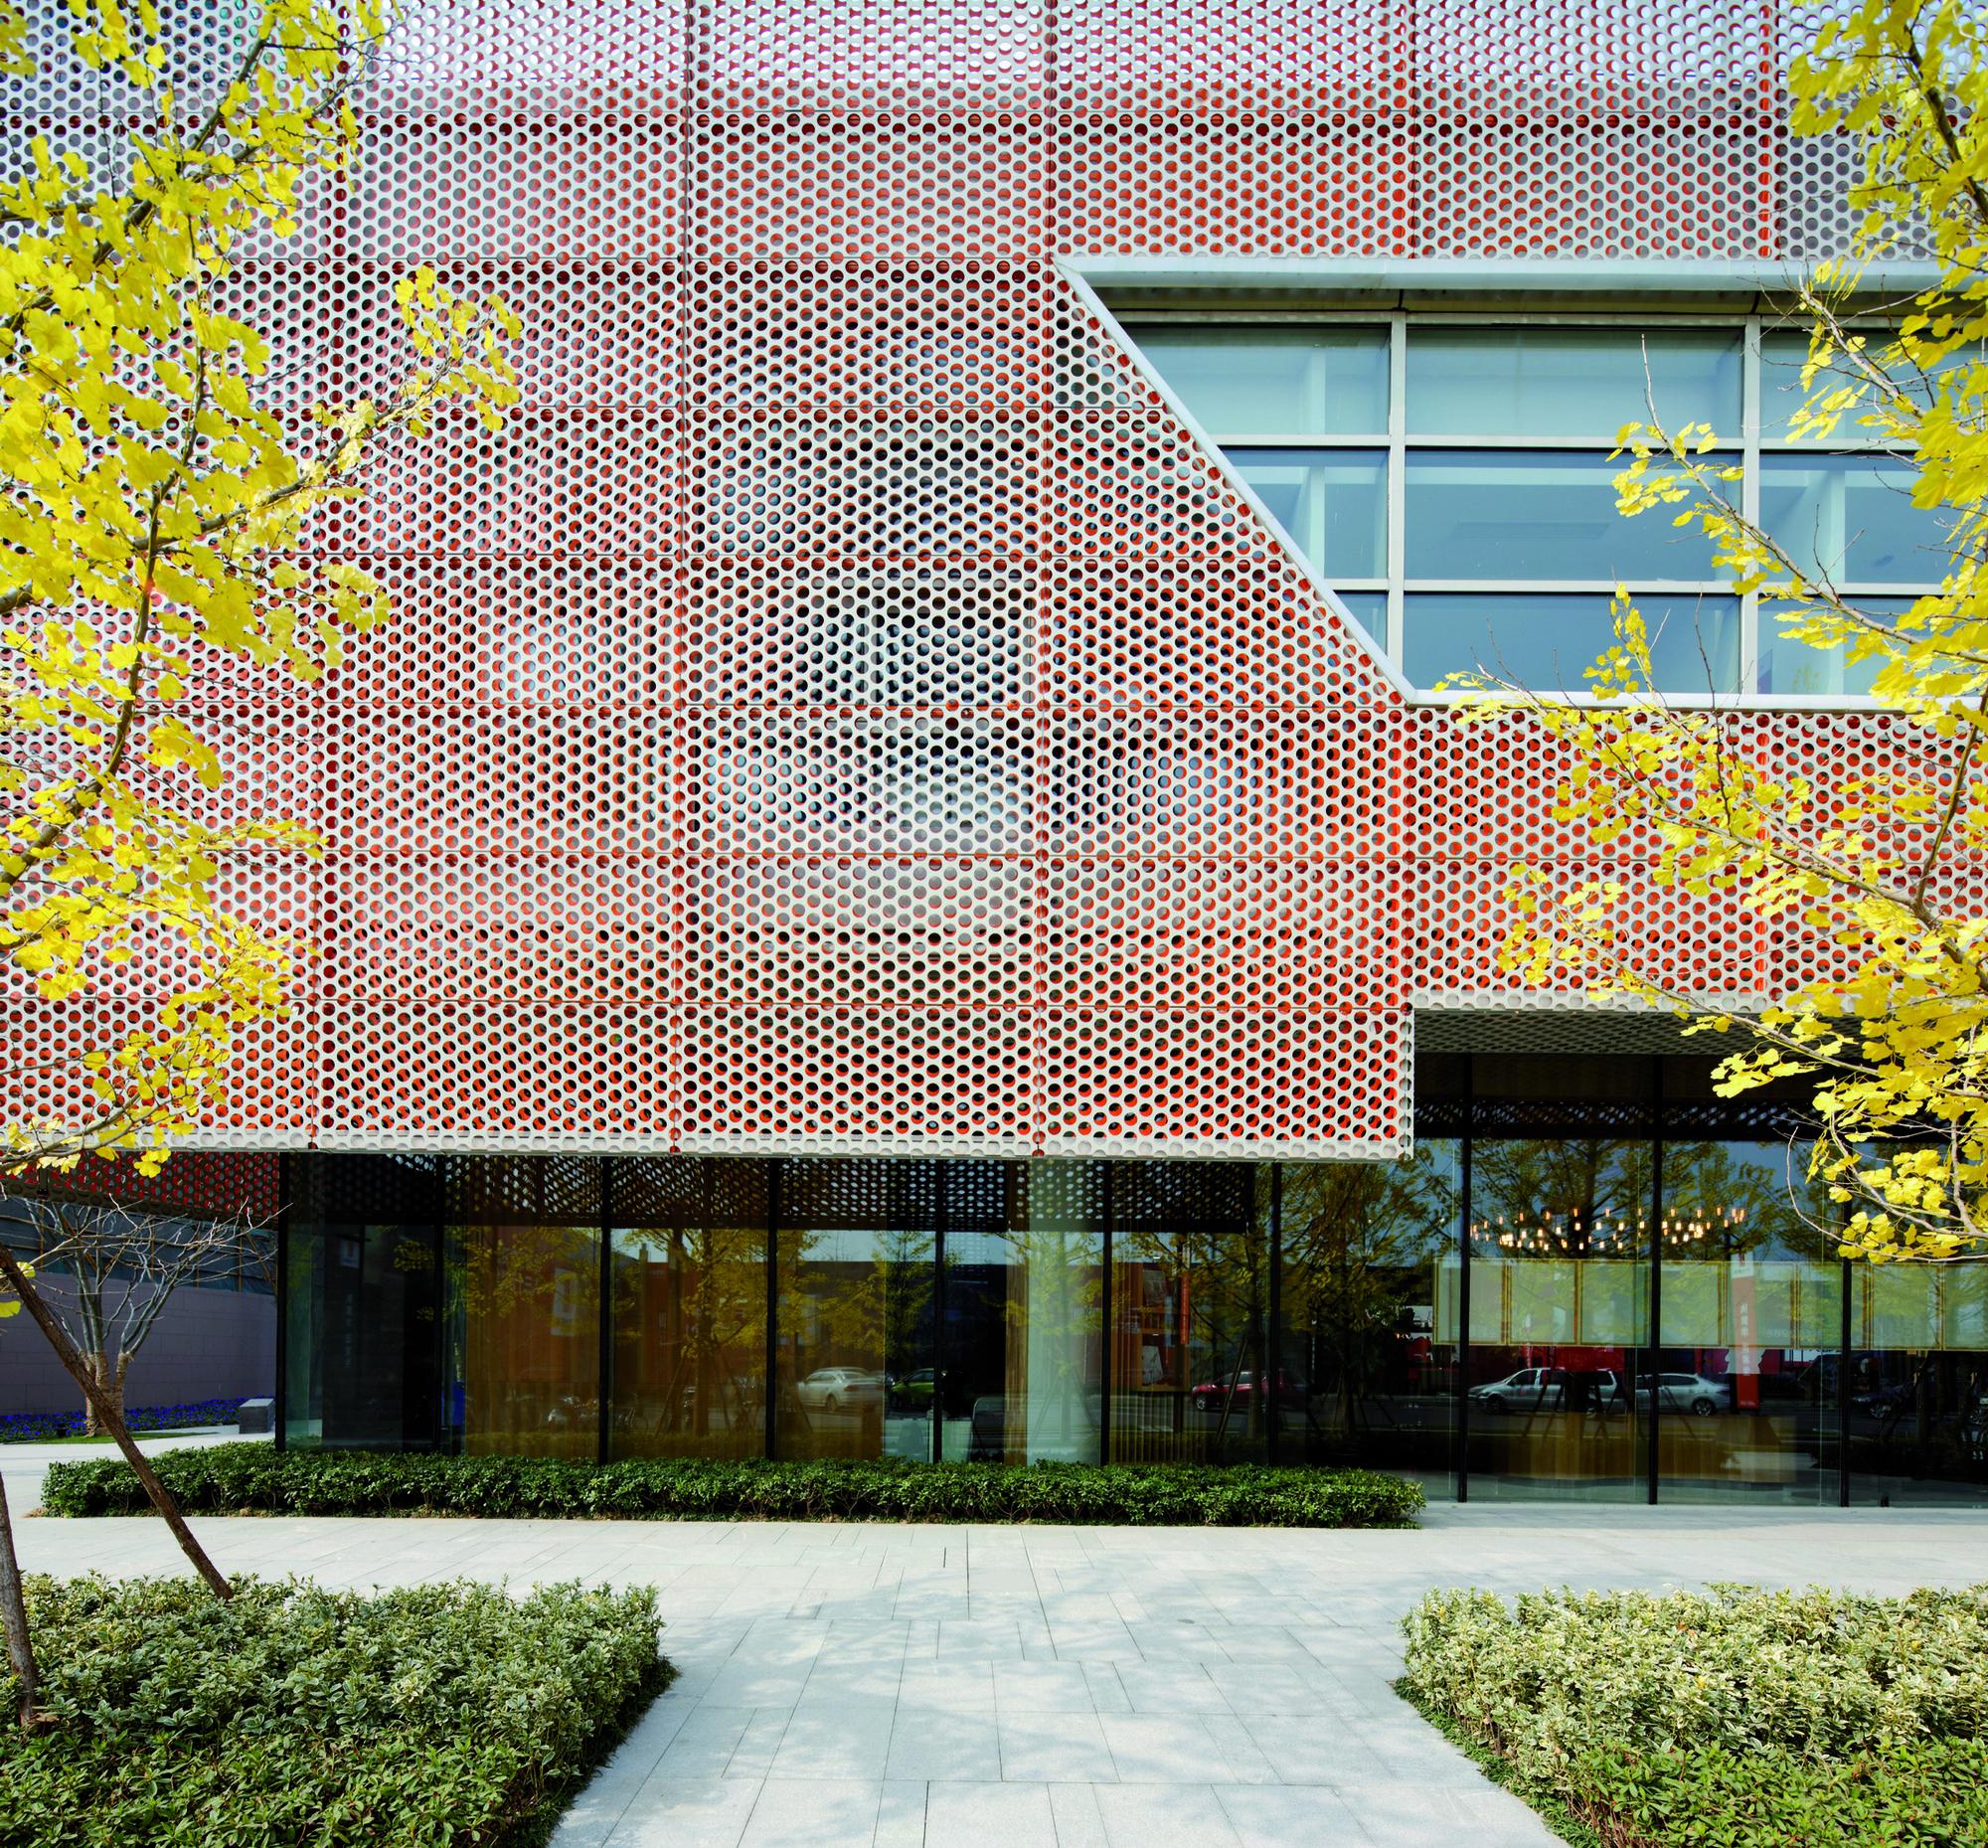 Galería - Galería de Ventas Vanke del Nuevo Centro de la Ciudad / Spark Architects - 7